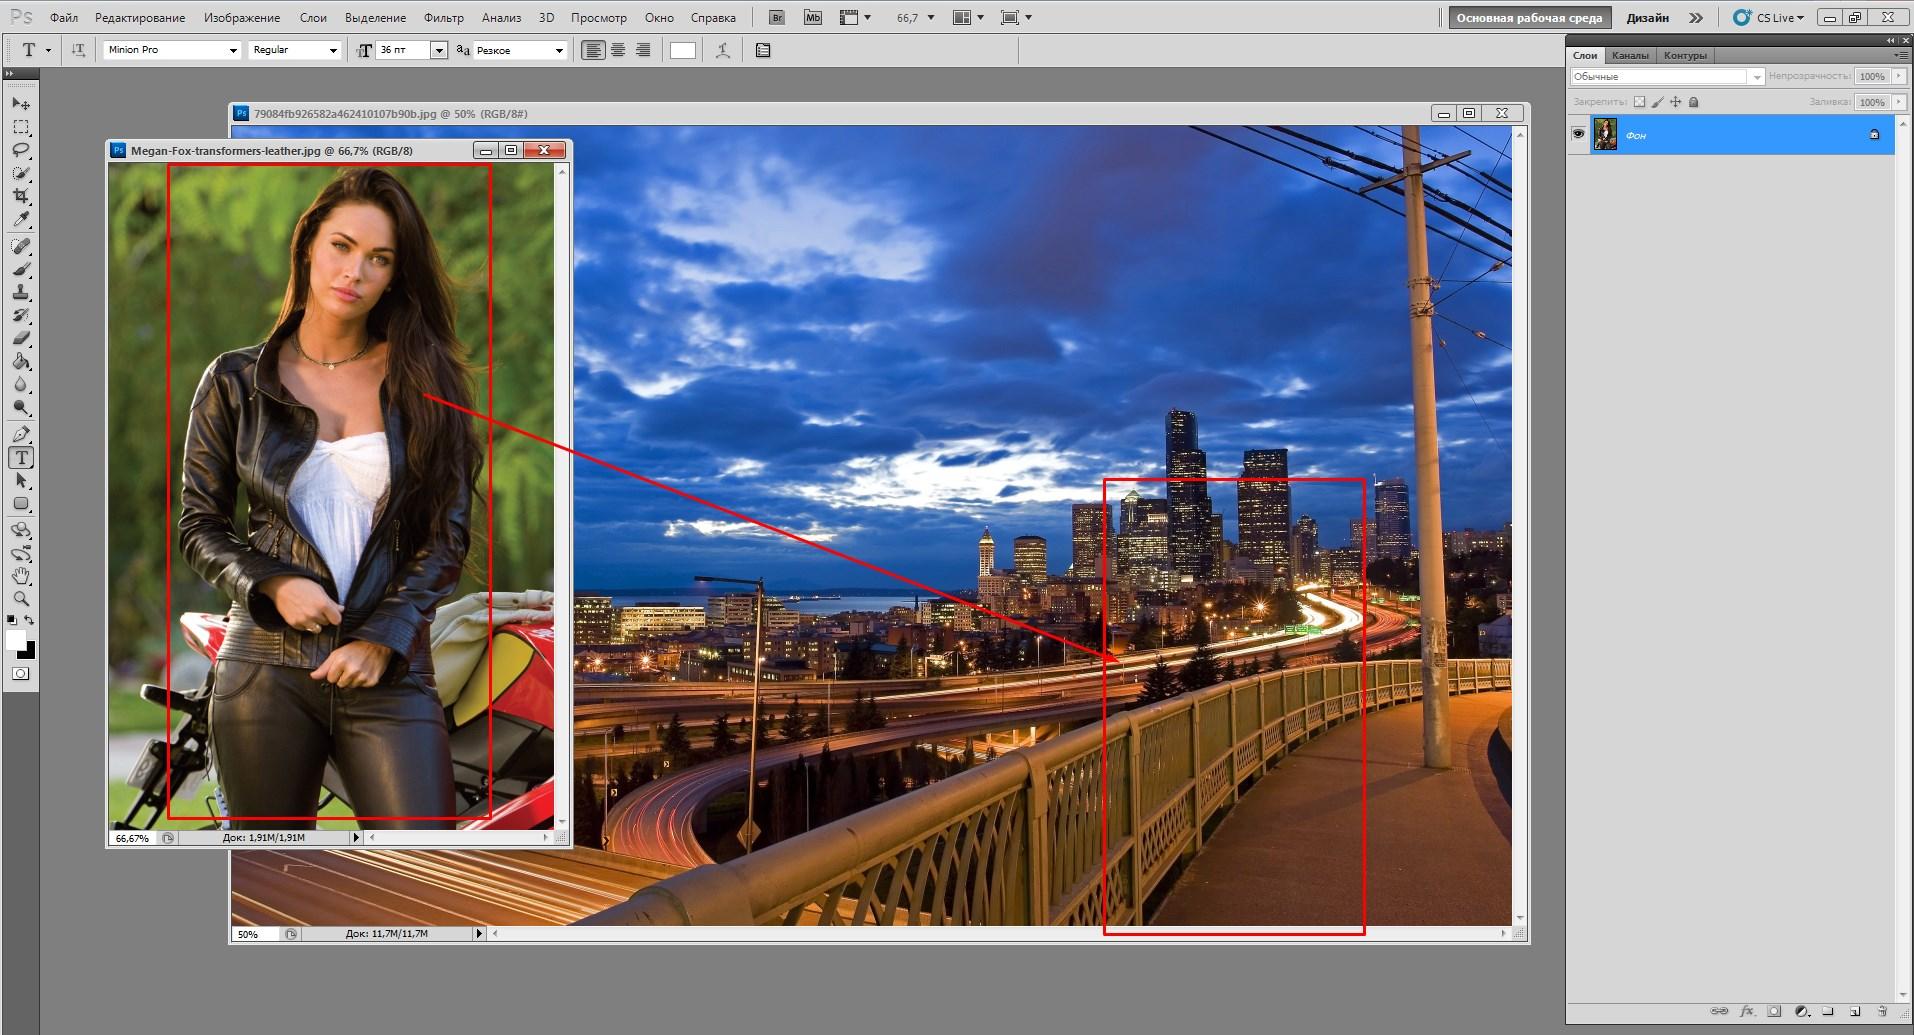 Как фото сделать фоном документа